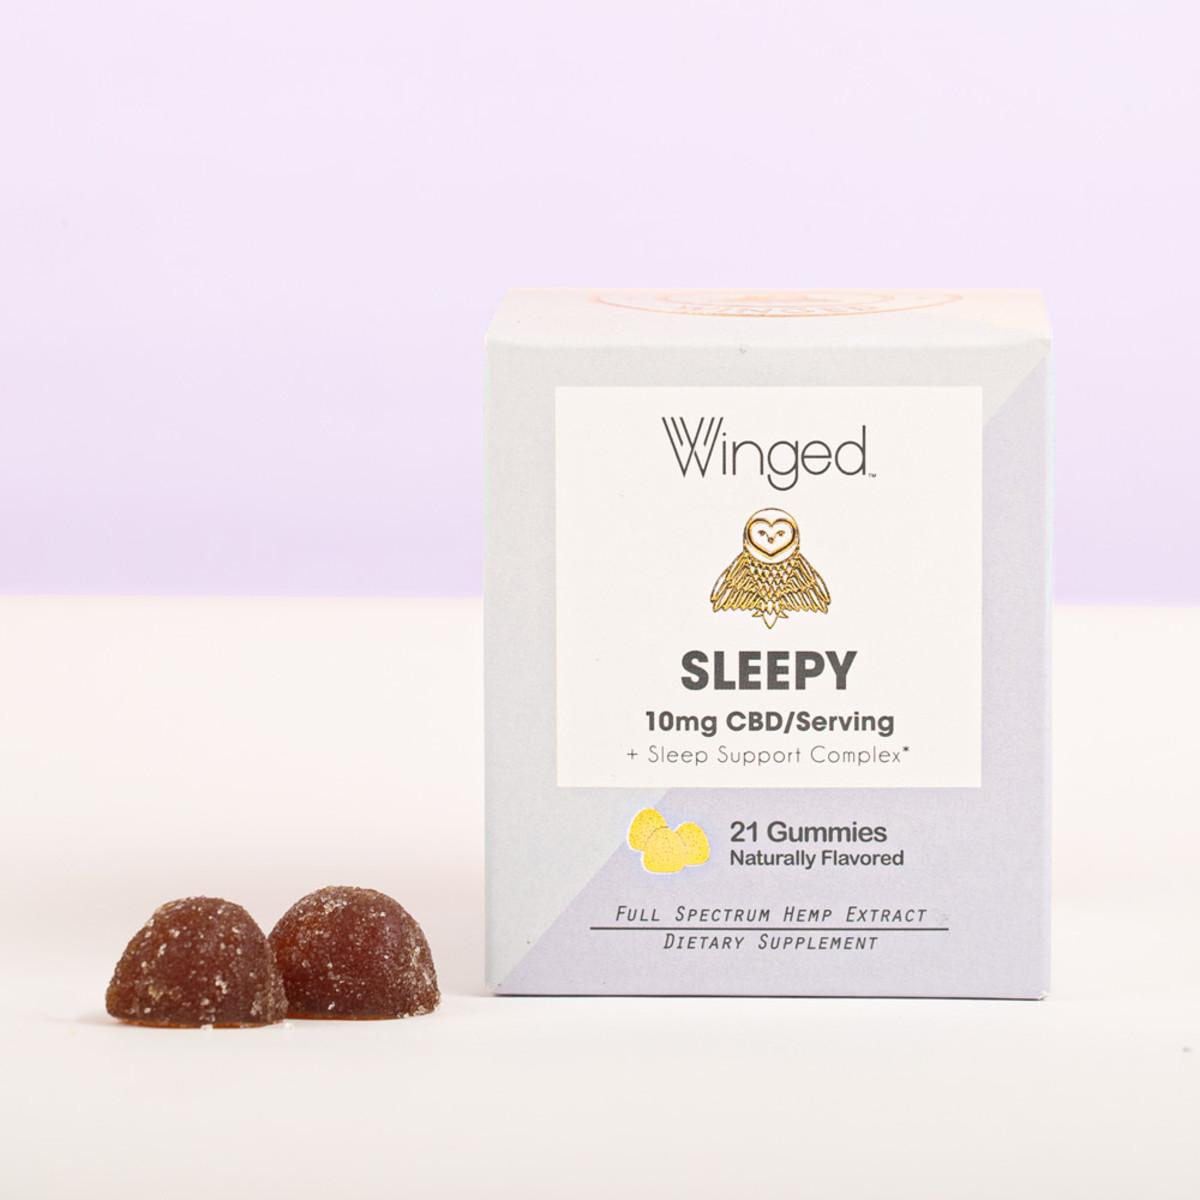 Winged-CBD-Sleepy-Gummies-01-1